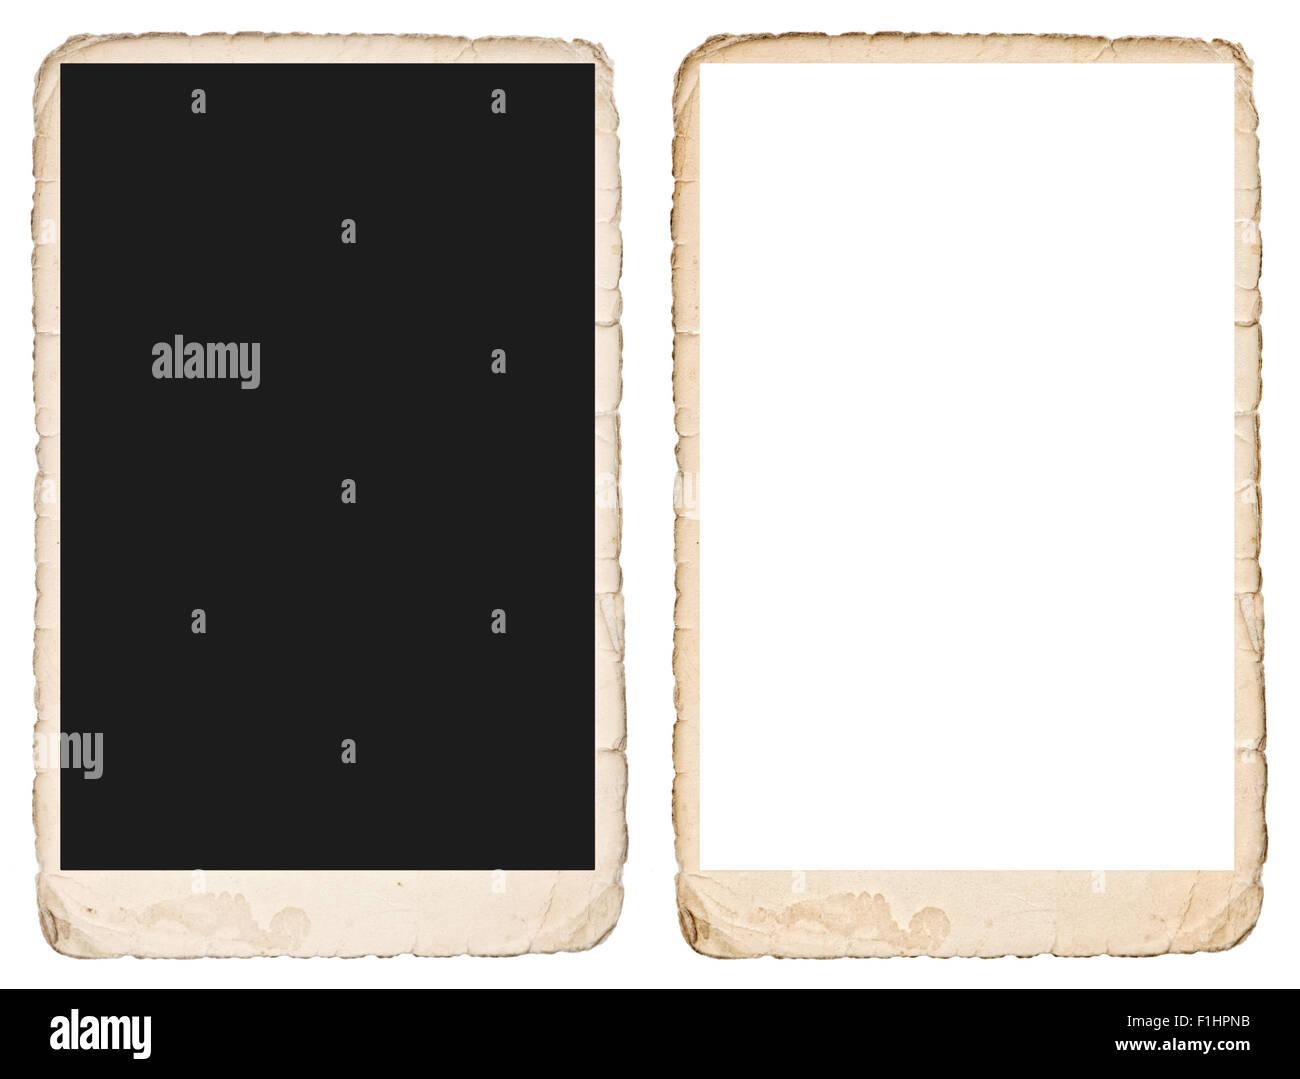 Bilderrahmen selber machen aus papier  Alte Bilderrahmen mit Kanten. Grunge Vintage Papierhintergrund. Für ...